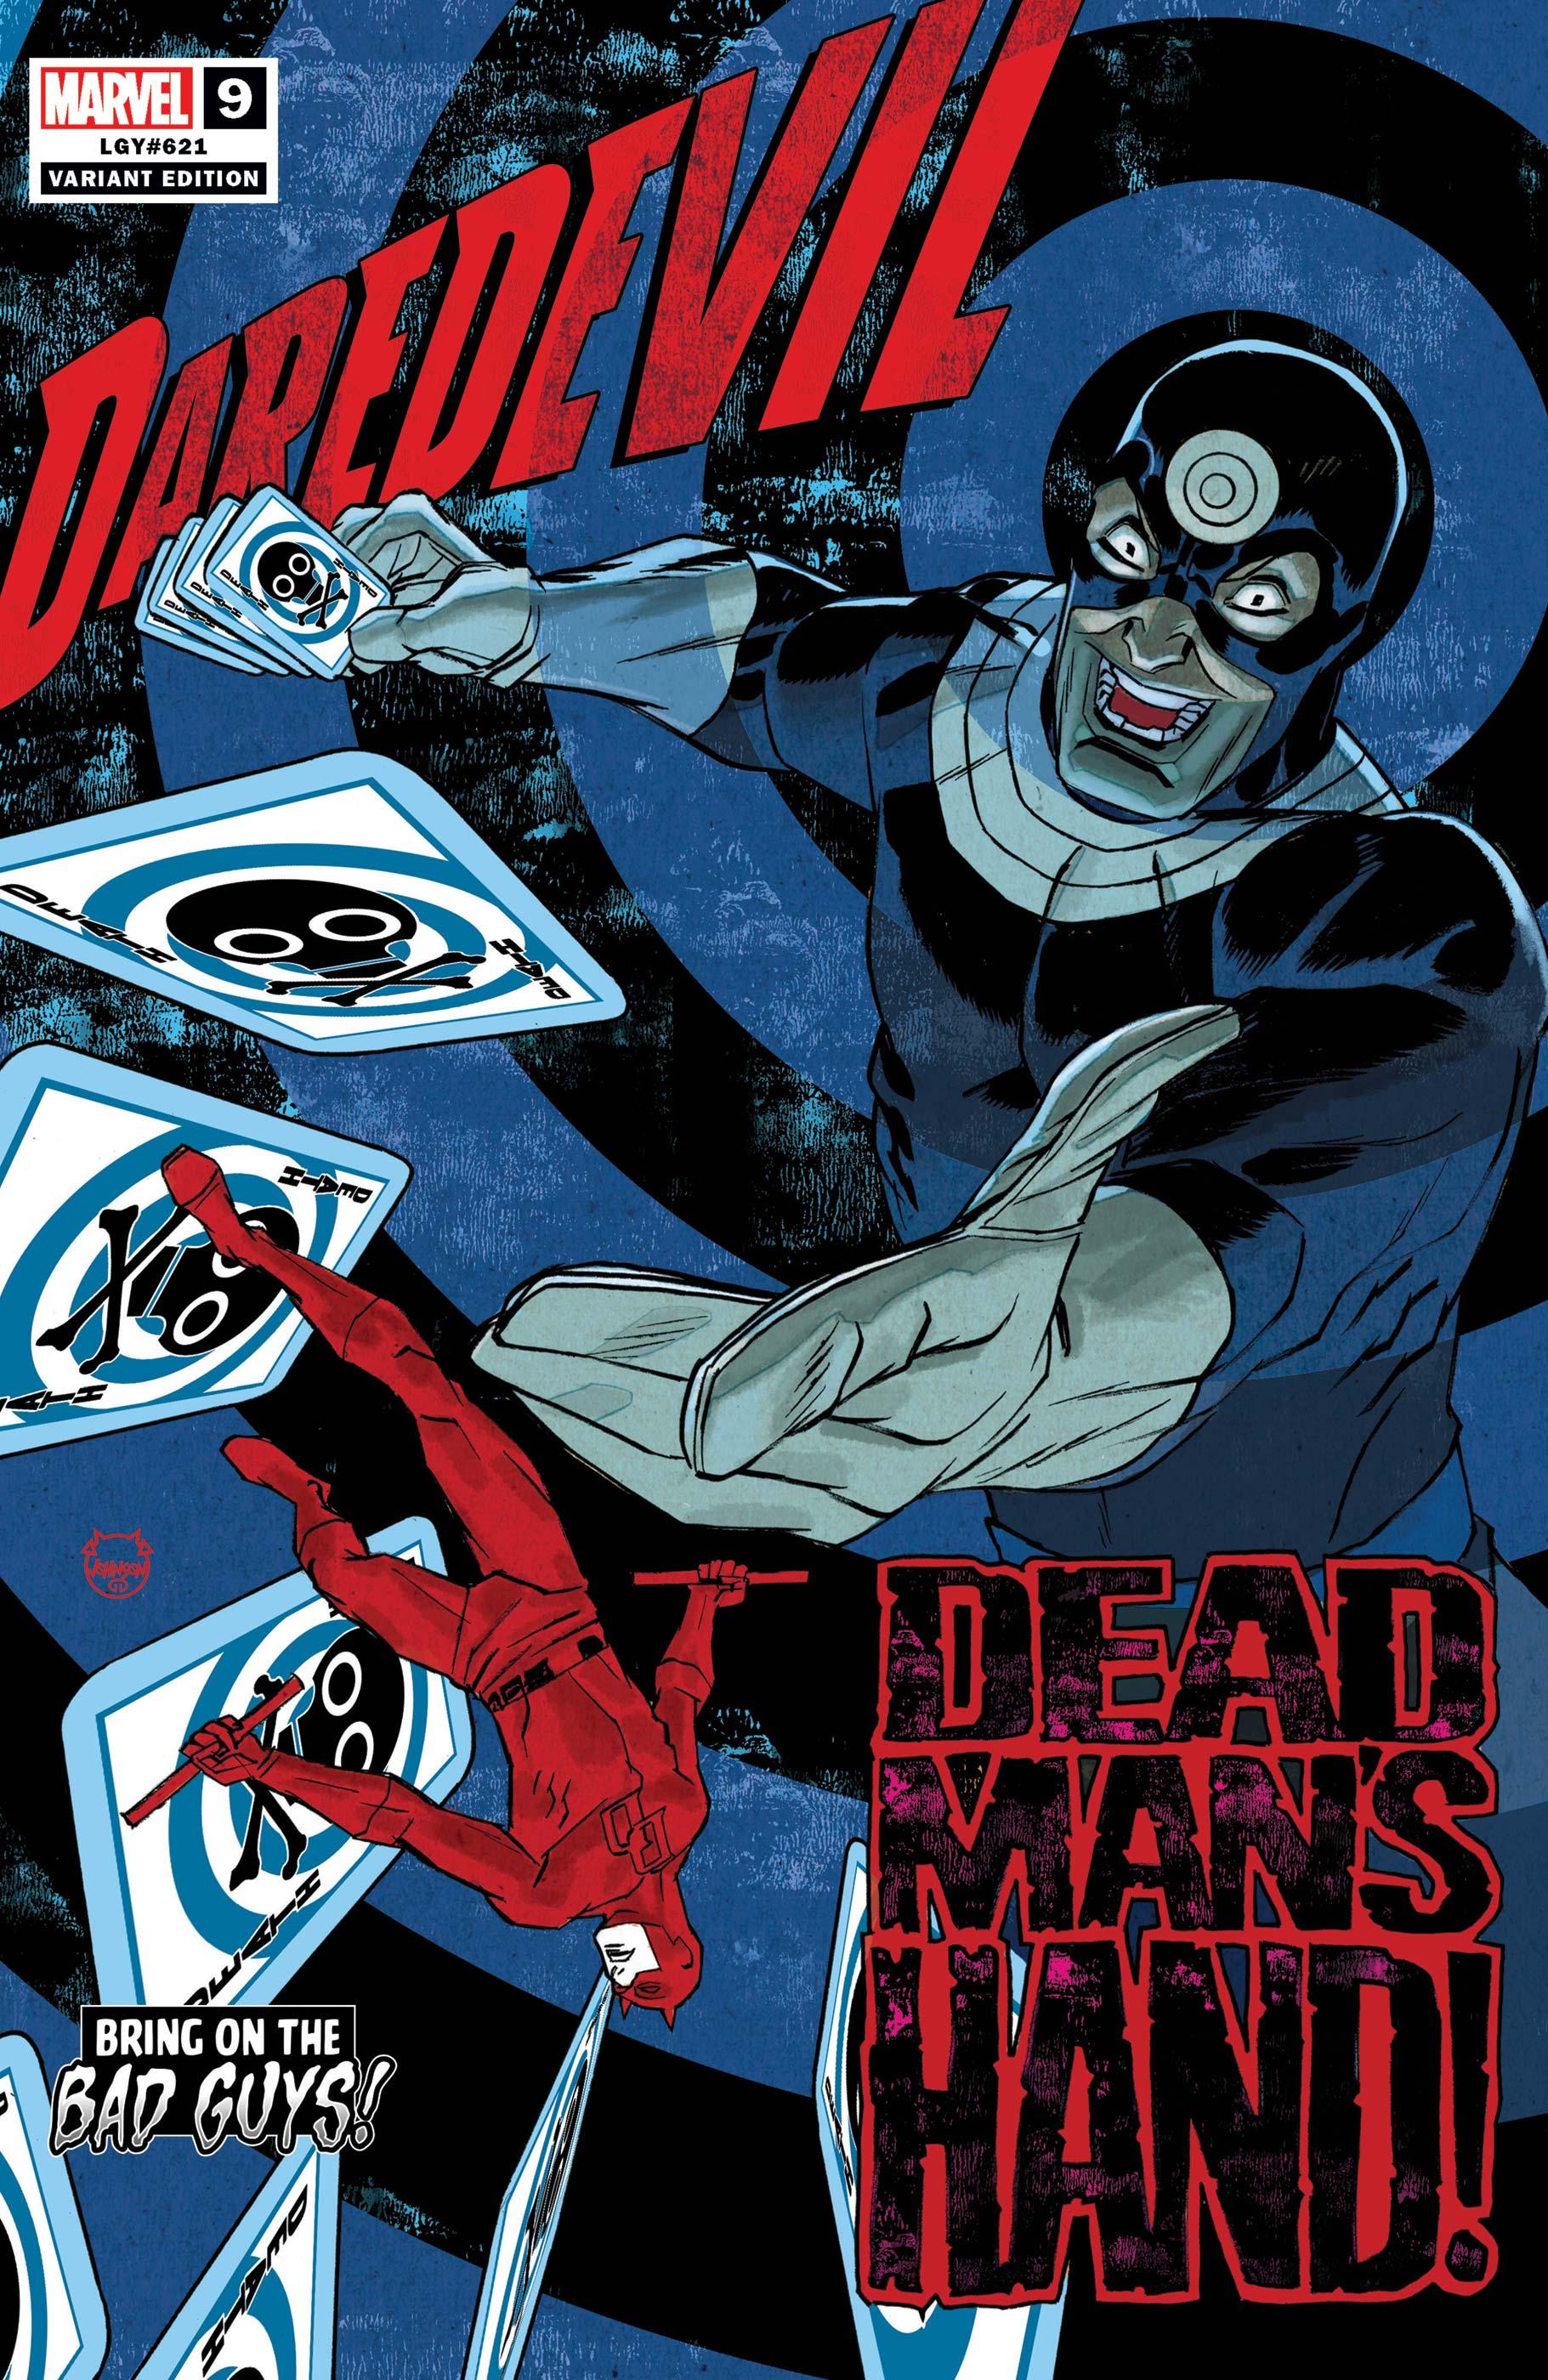 Daredevil (2019) #9 (Variant)